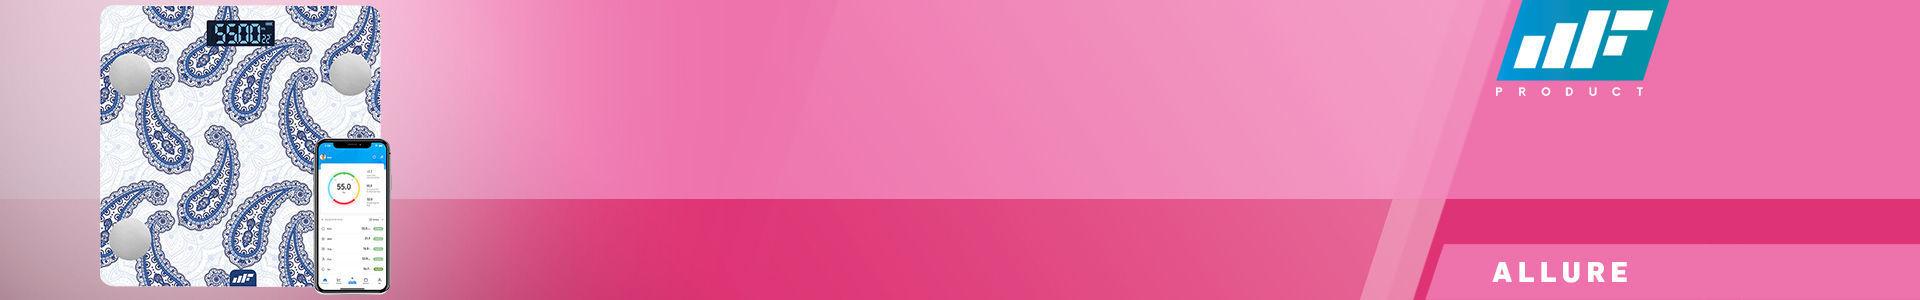 MF Product Allure 0532 Vücut Analizli Akıllı Tartı Sultan en iyi fiyata stokta!